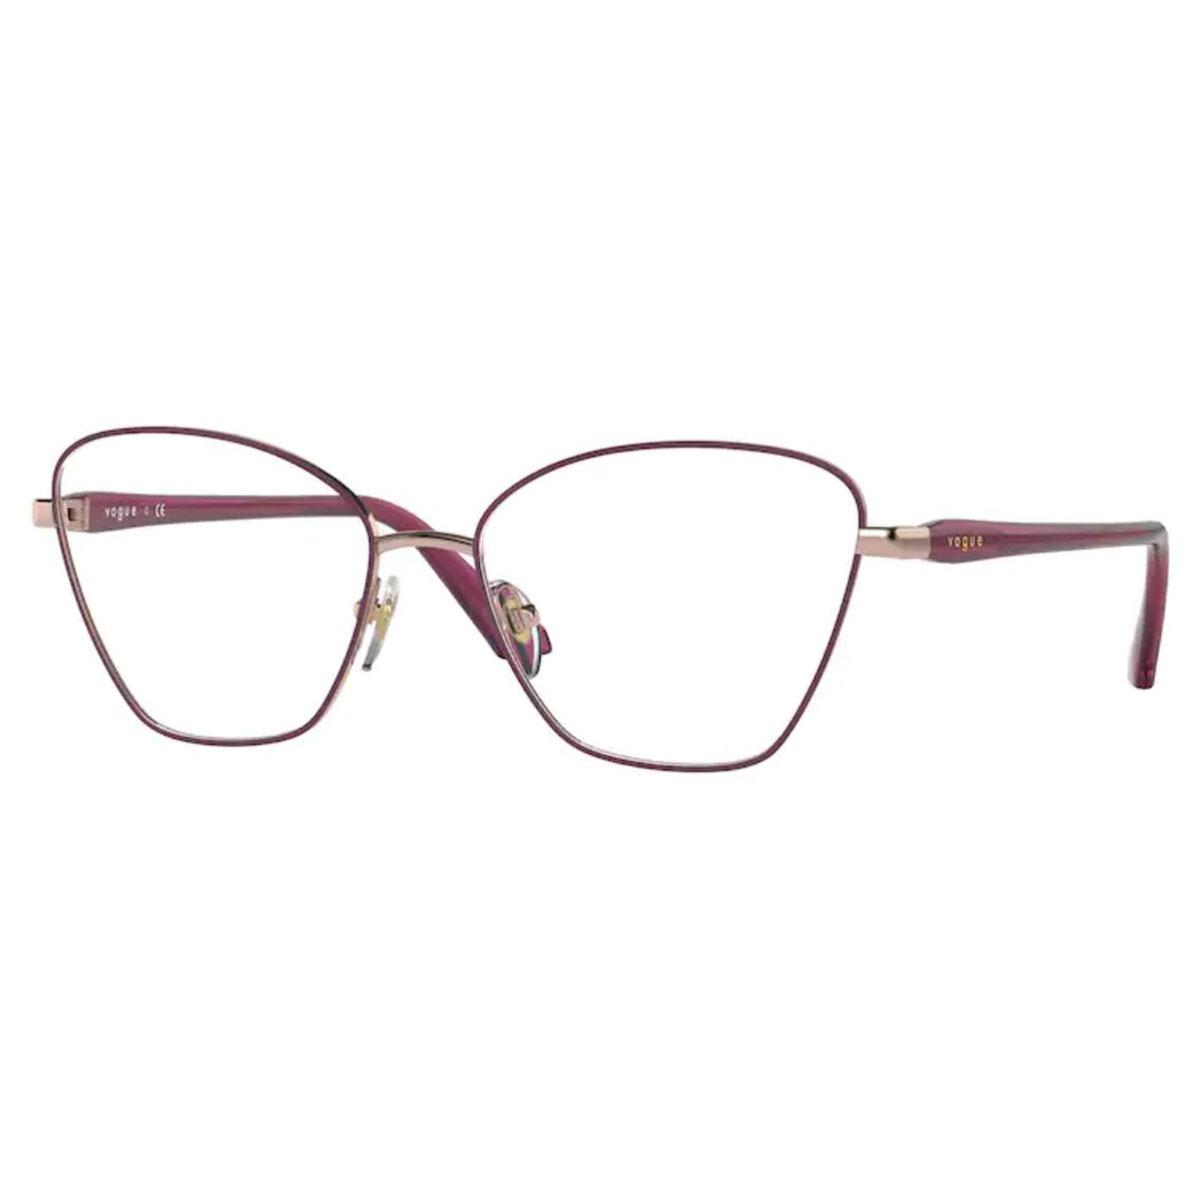 Óculos de Grau Vogue Metal VO4195 Roxo Brilho Tamanho 54